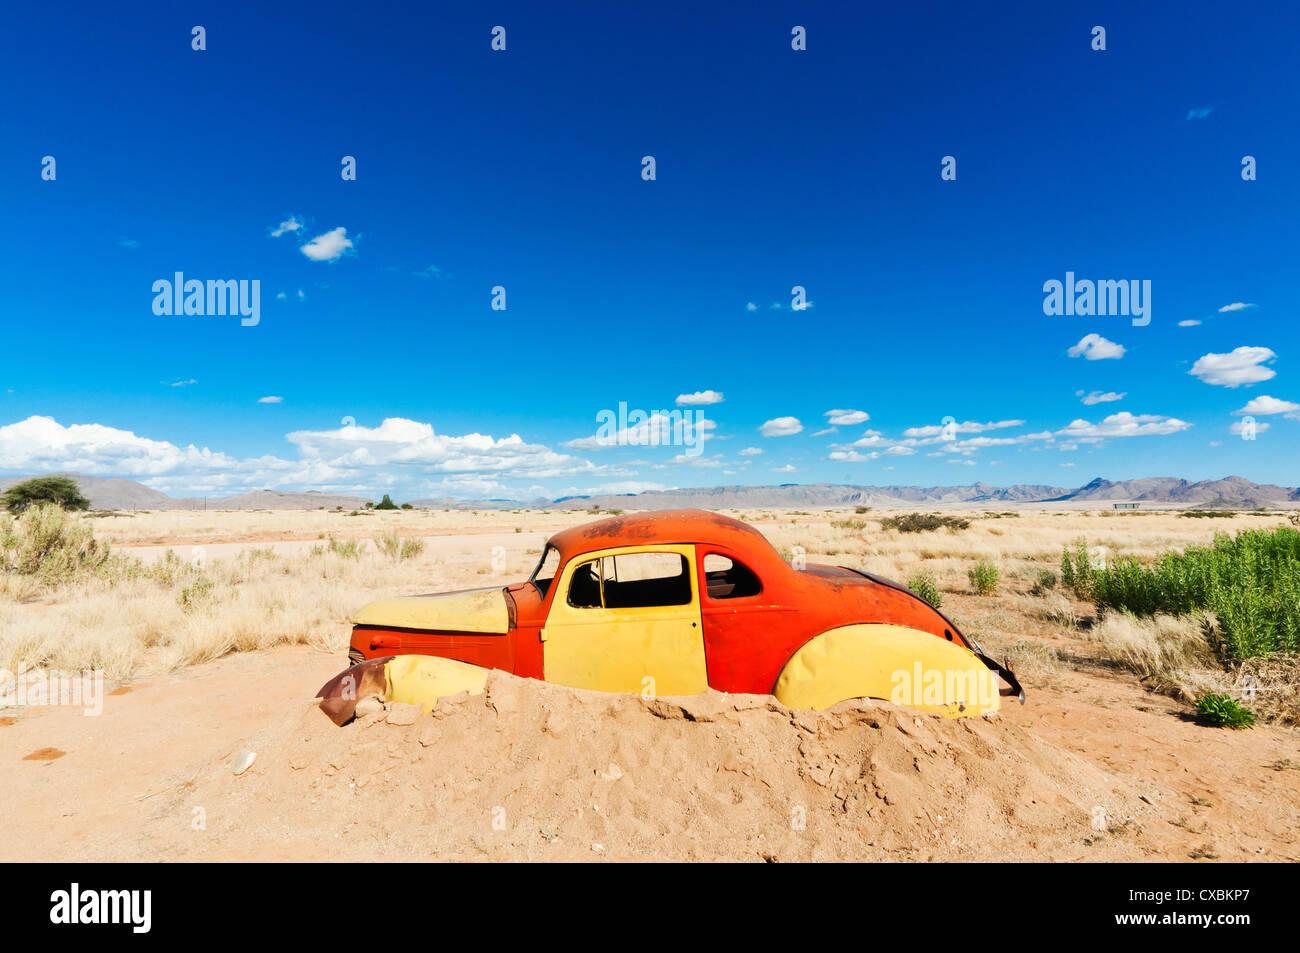 Voiture abandonnée, Solitaire, Village, près de la région Khomas Namib-Naukluft National Park, Namibie, Photo Stock